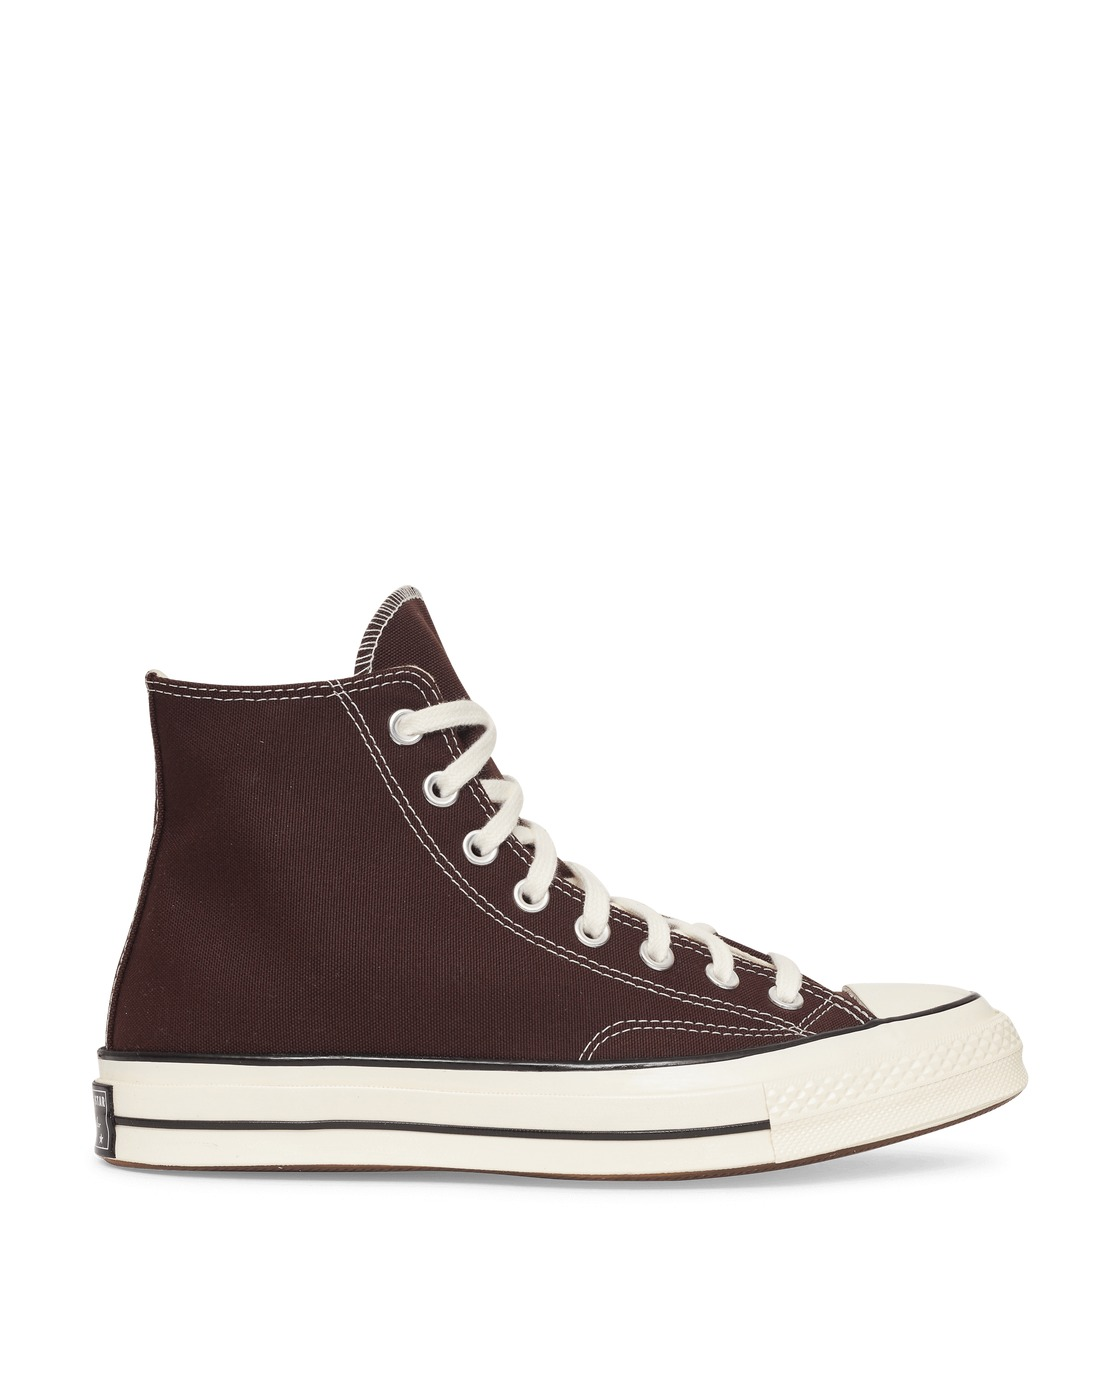 Converse Chuck 70 Hi Sneakers Dark Root/Black/Egret Converse